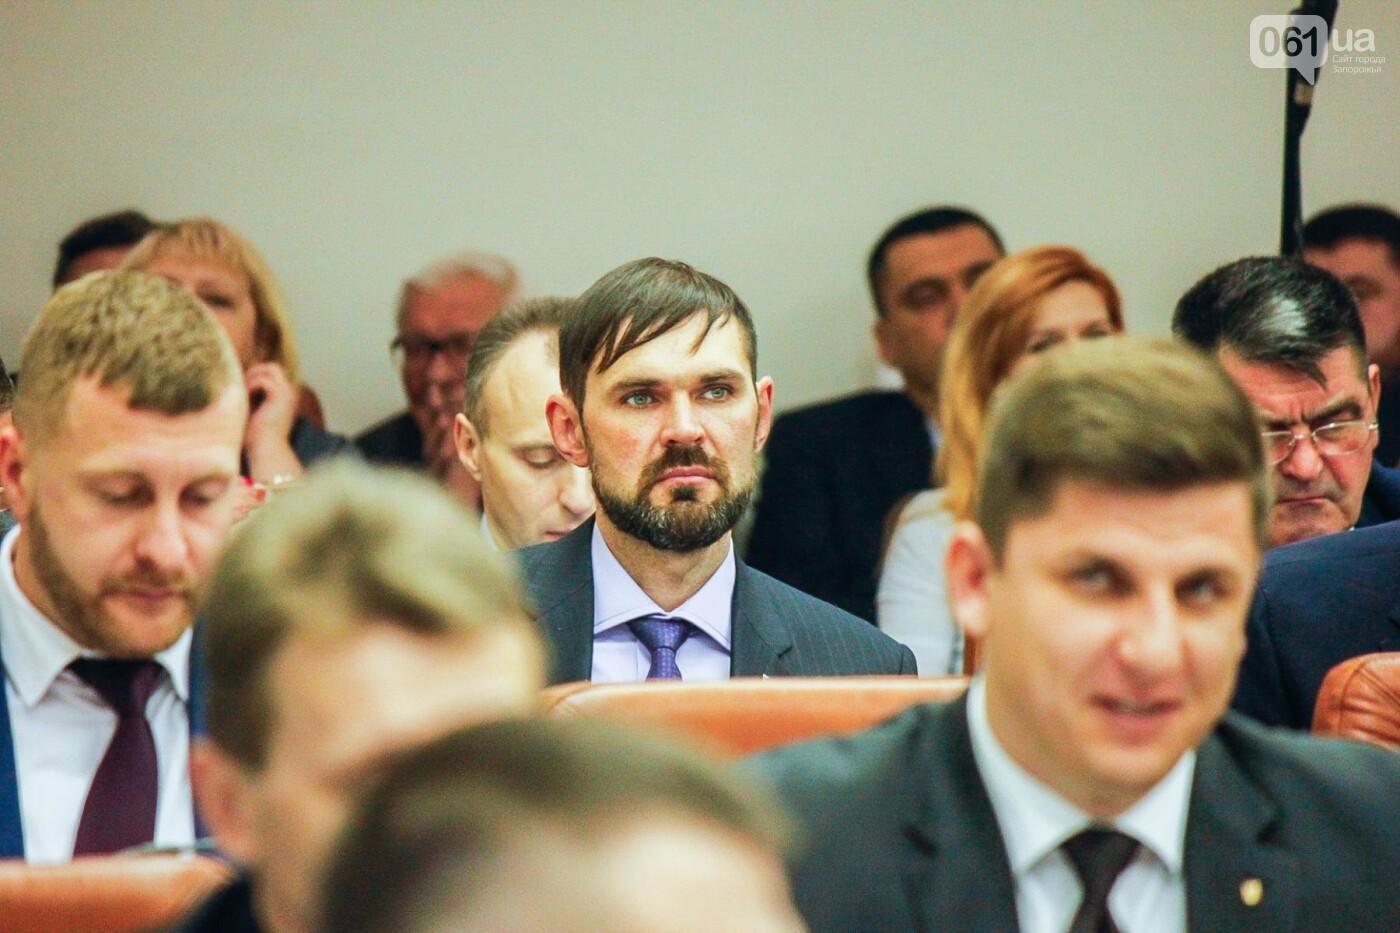 Сессия запорожского горсовета в лицах, - ФОТОРЕПОРТАЖ, фото-22